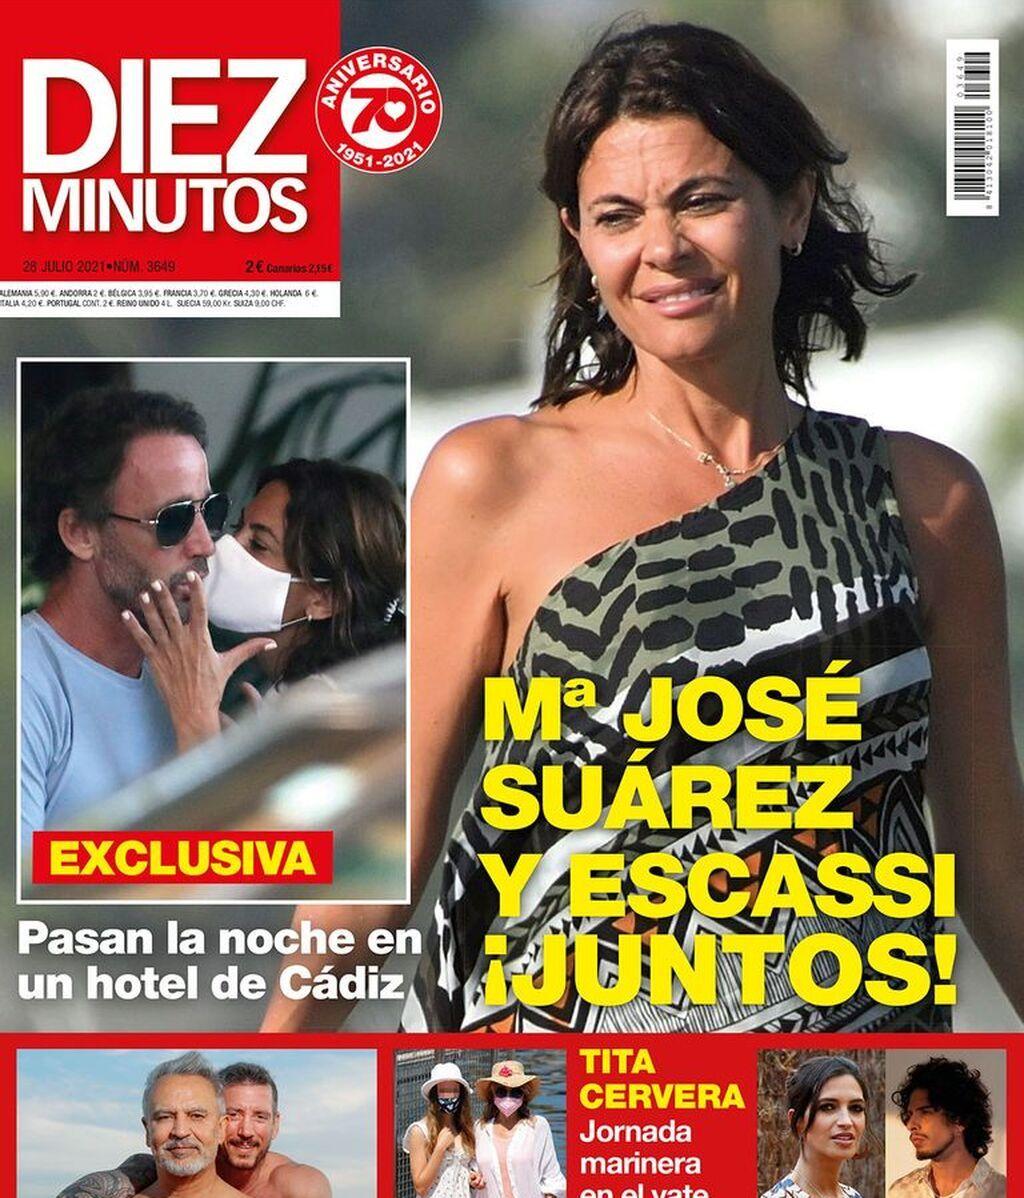 Las esperadas fotos de Escassi y María José Suárez